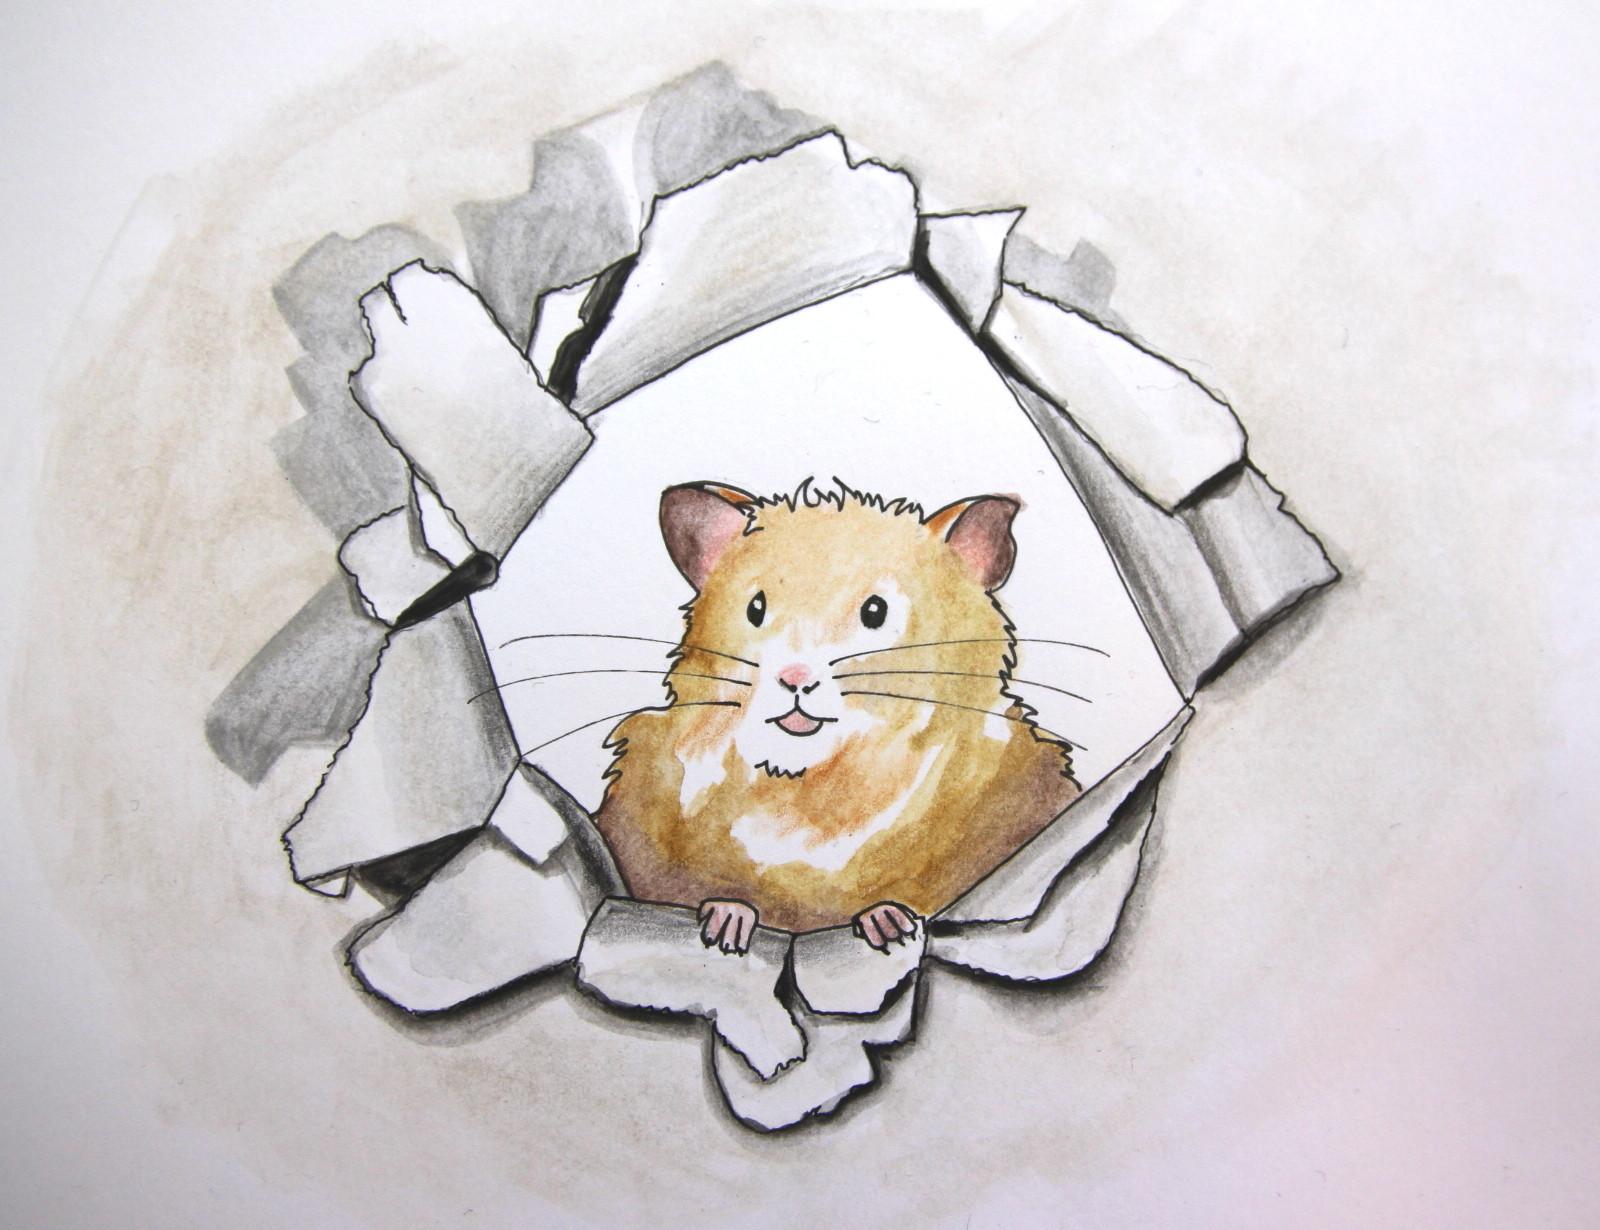 Hamster lugt in die Freiheit (Zeichenpapier, 10x13cm)